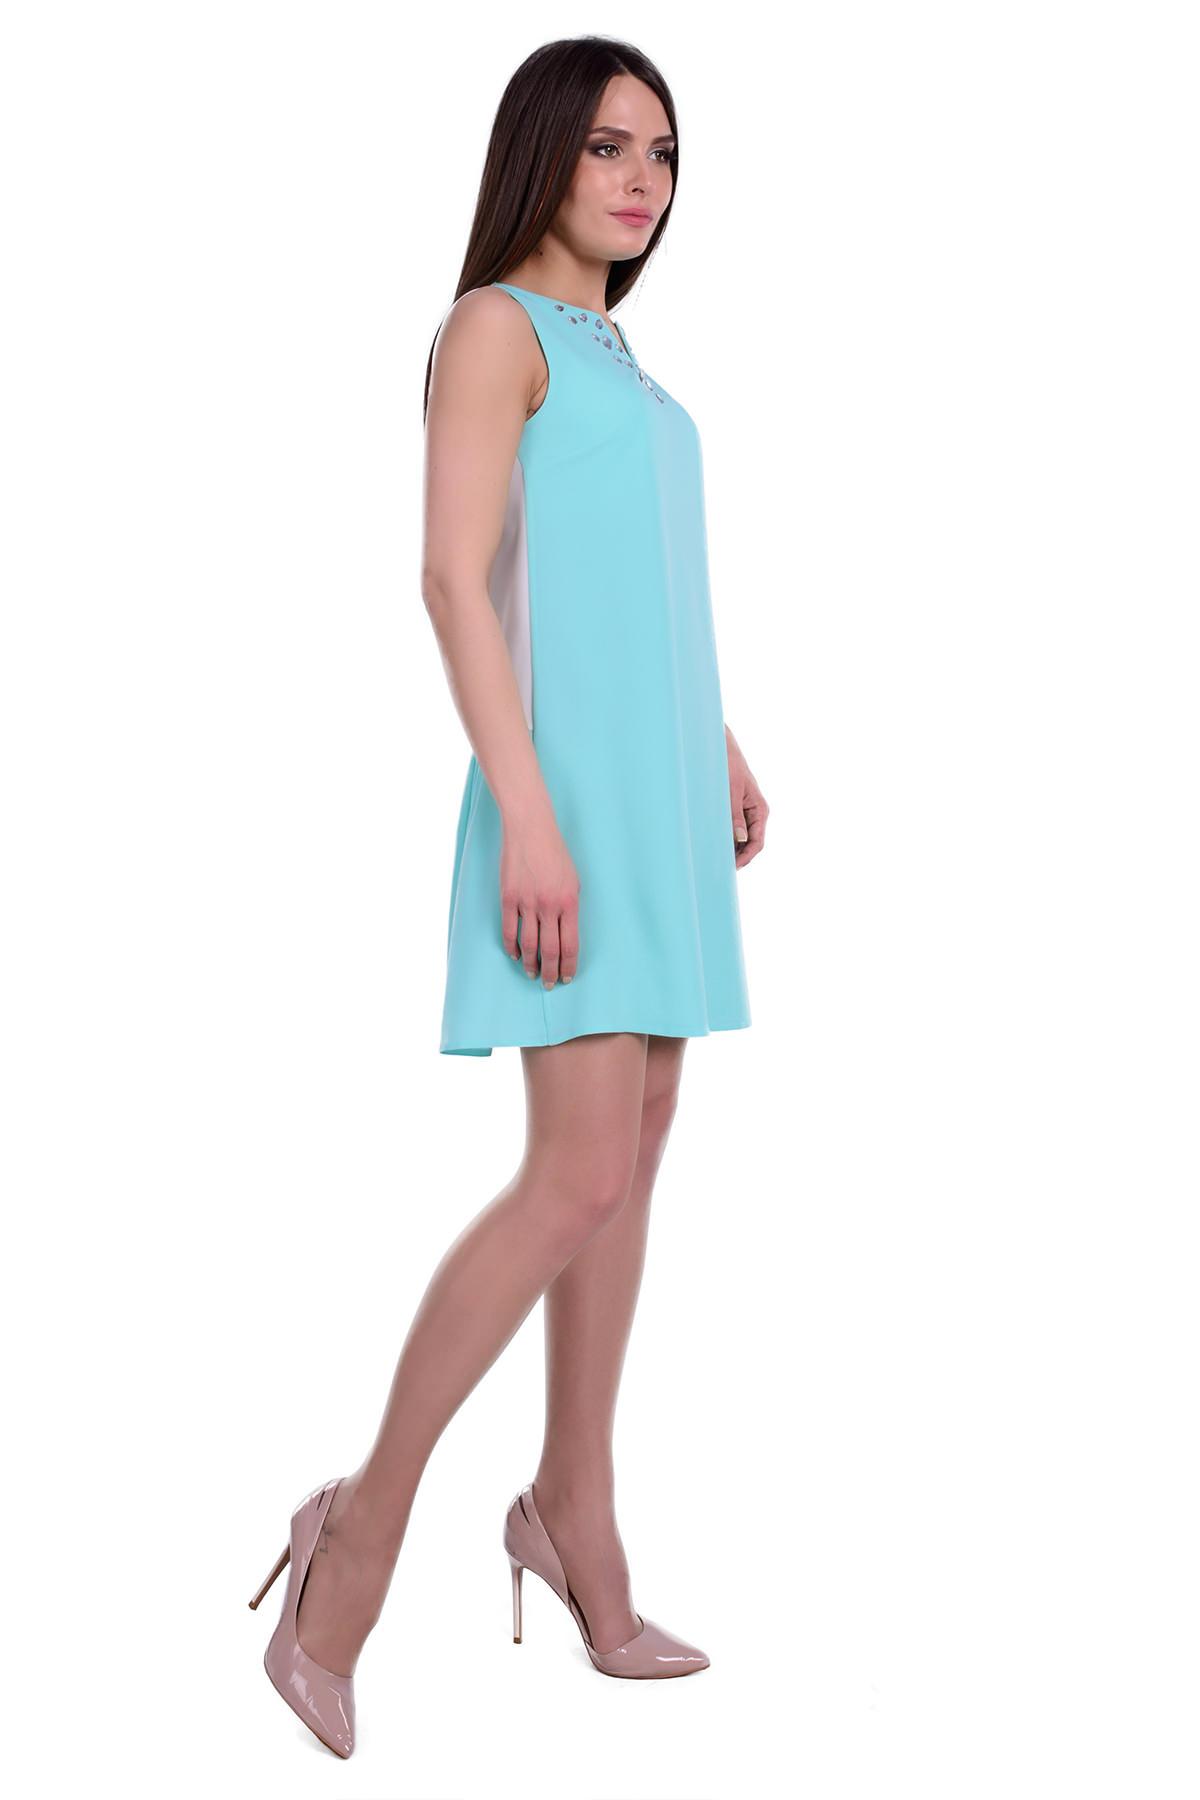 Платье Ланара креп шифон АРТ. 6358 Цвет: Мята / молоко - фото 2, интернет магазин tm-modus.ru